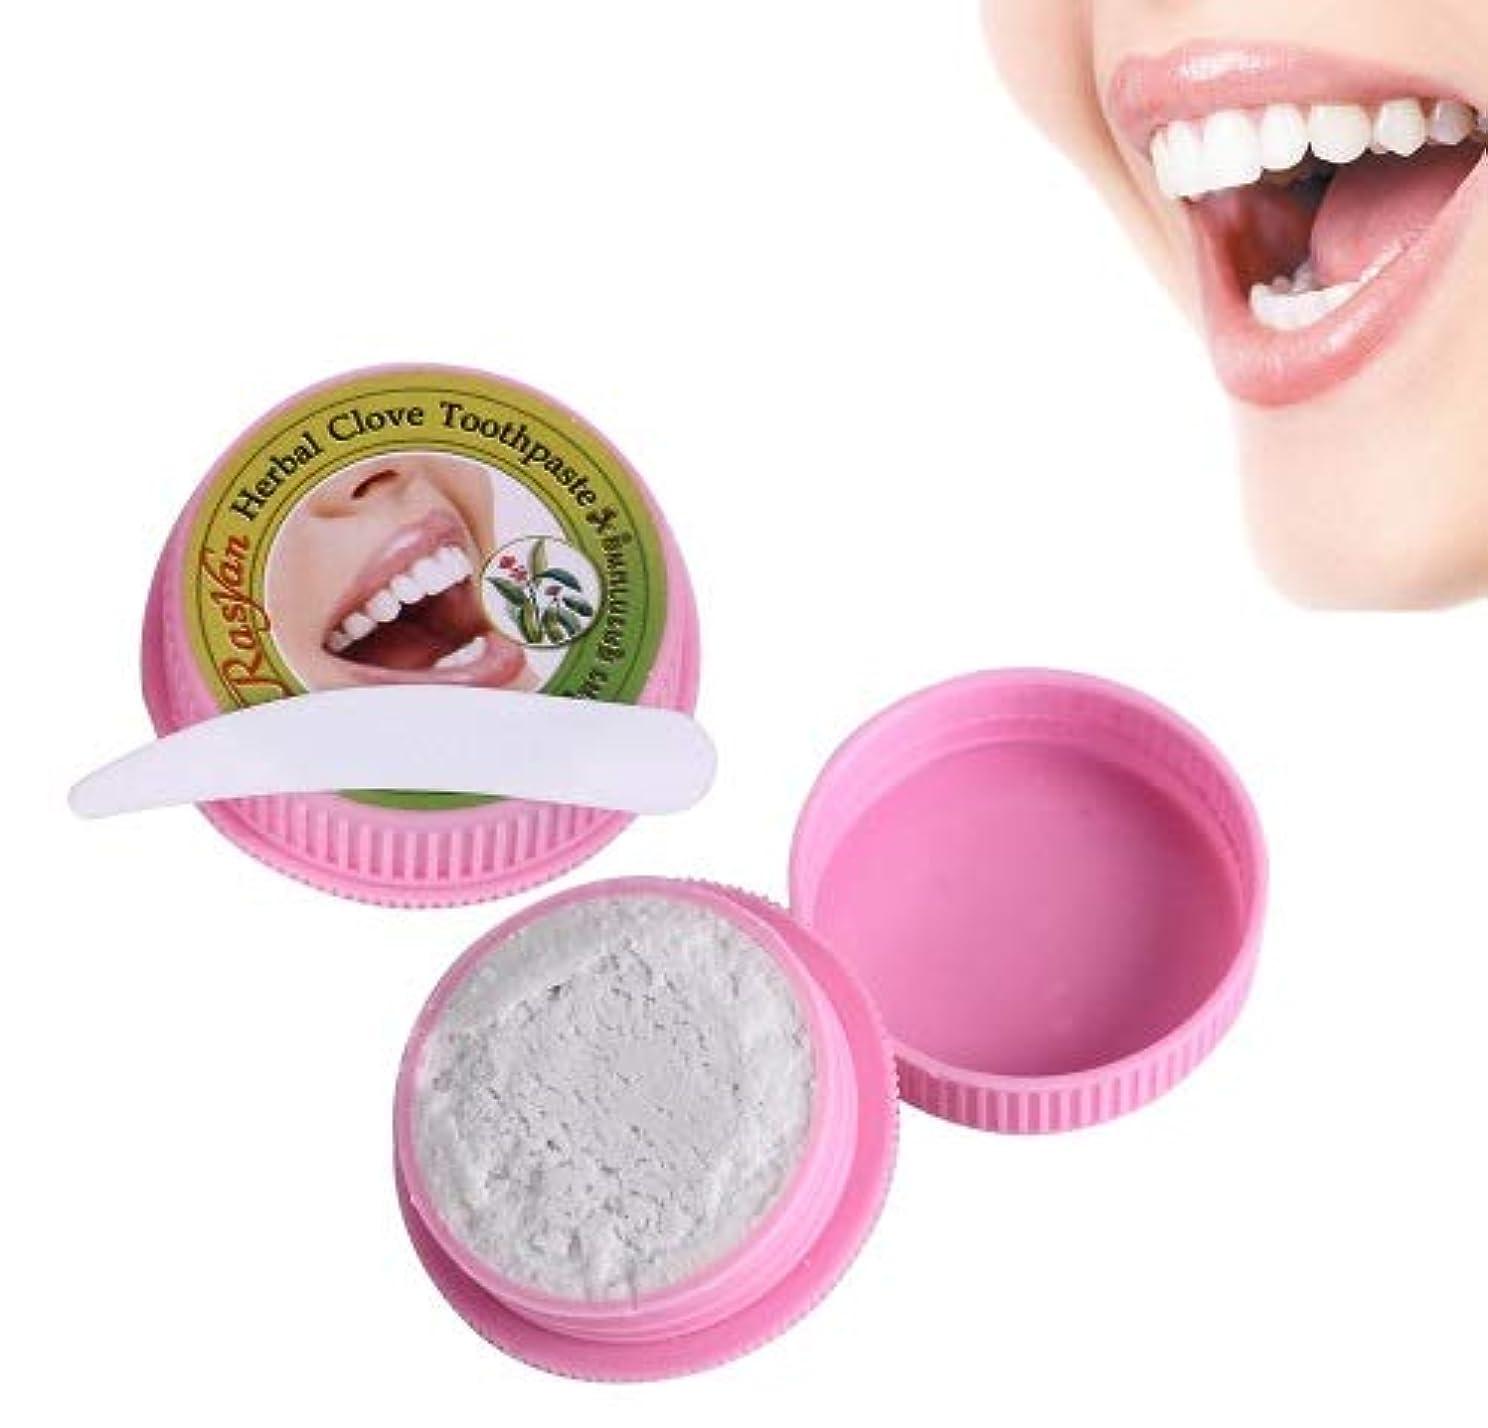 結紮定義する経歴Izmirli 天然ハーブクローブ歯磨き粉、天然歯ホワイトニング、歯汚れ除去剤、口臭クリーナー Natural Herbal Clove Toothpaste,Natural Teeth Whitening, Teeth Stain Remover, Bad Breath Cleaner (25g)